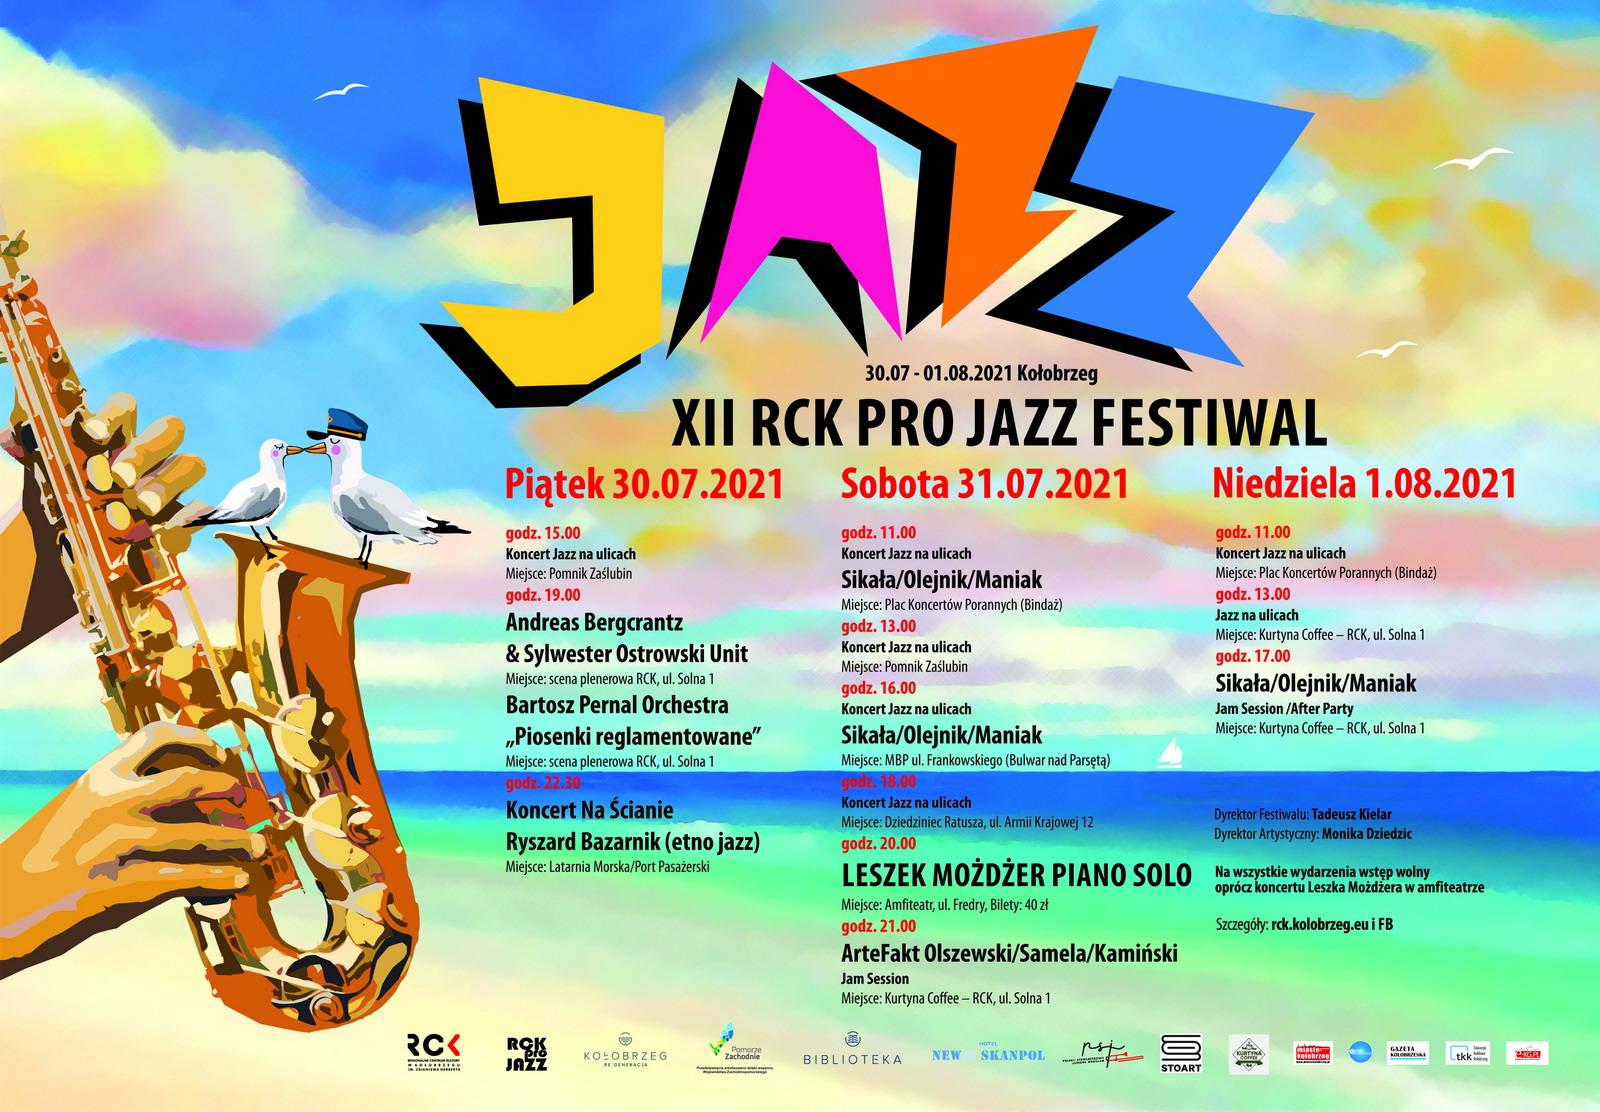 XII RCK PRO JAZZ Festiwal